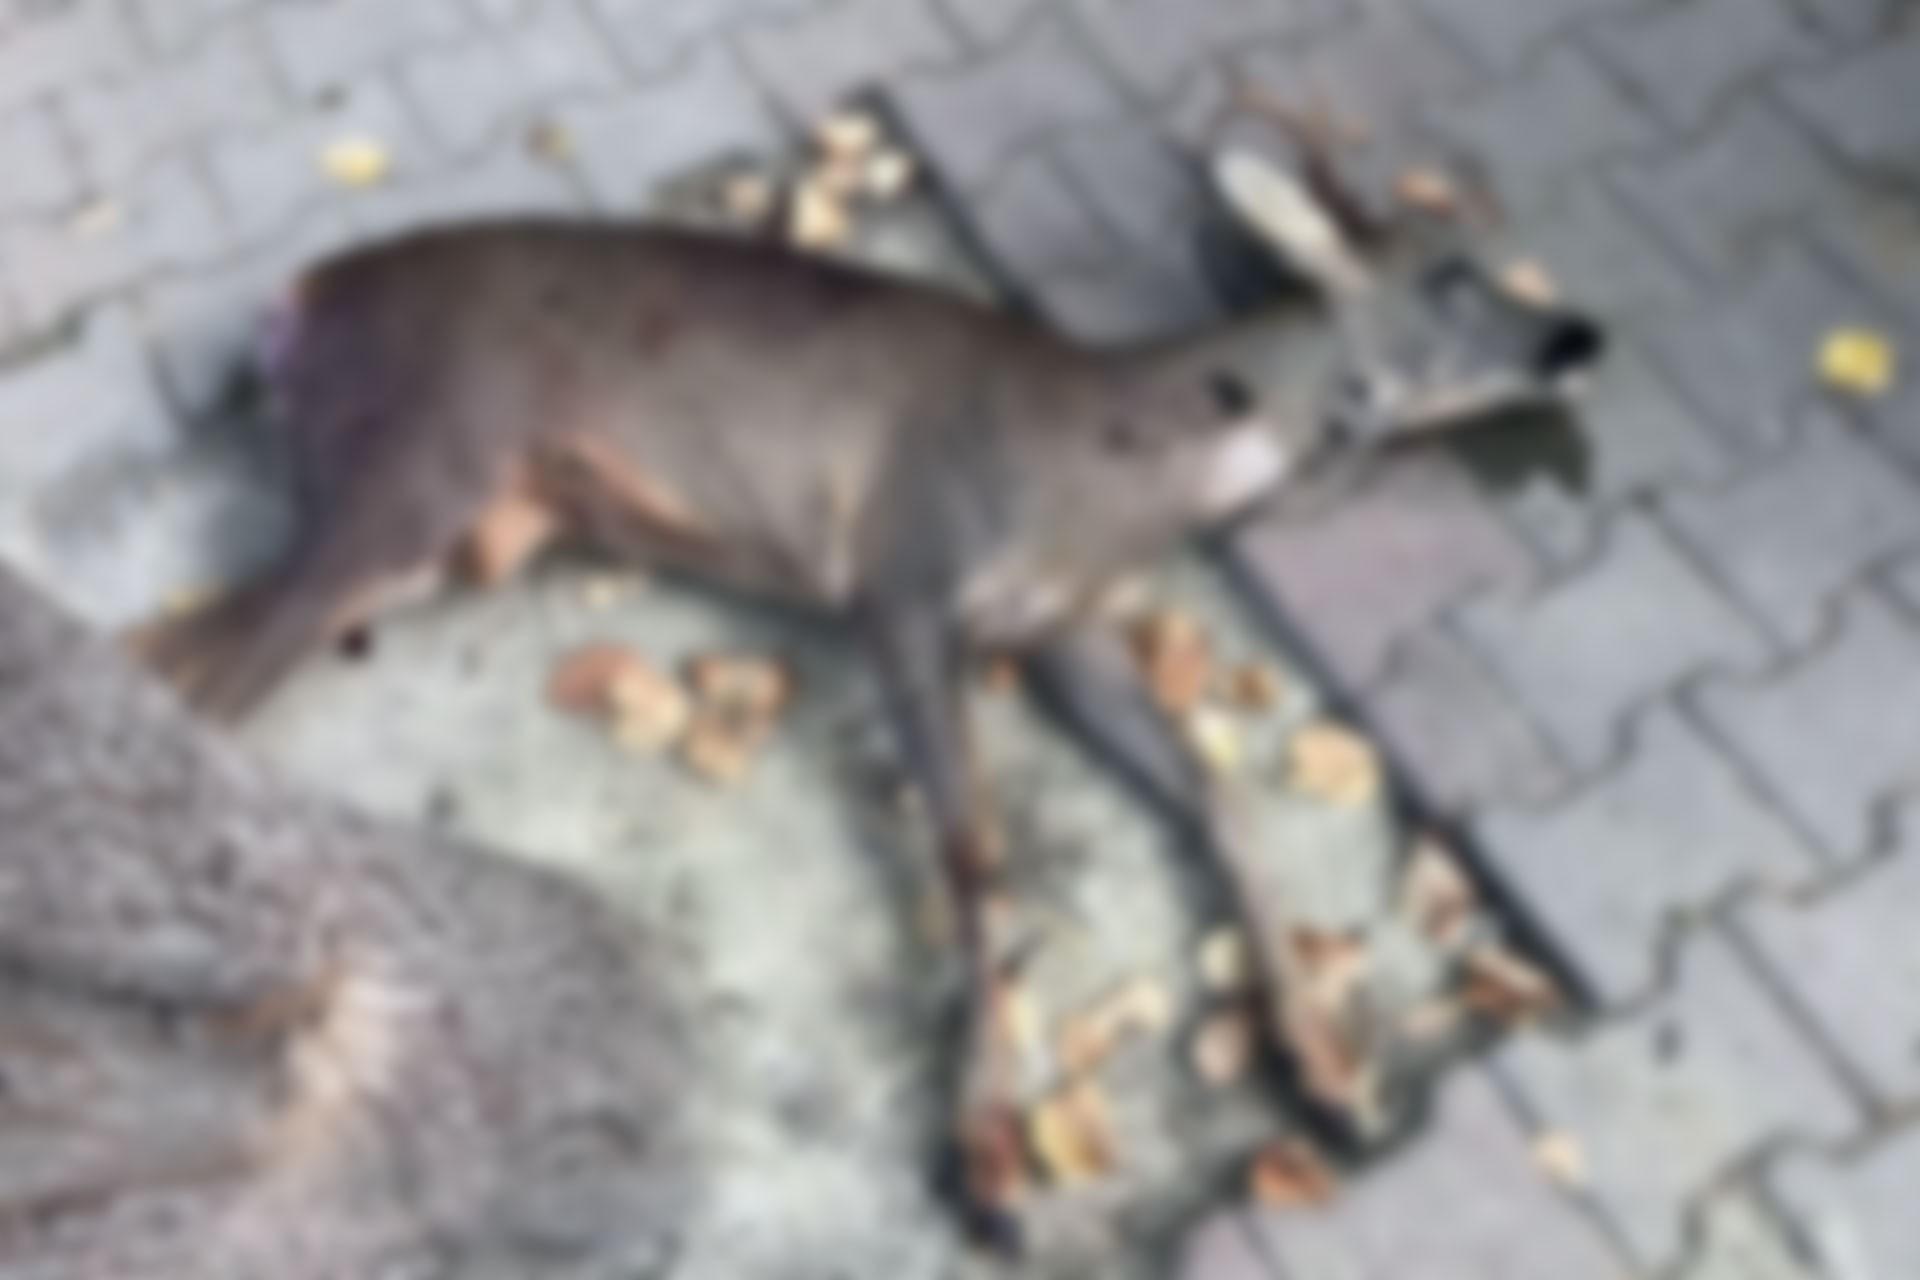 Avlanması yasak olan karaca, tabancayla öldürüldü